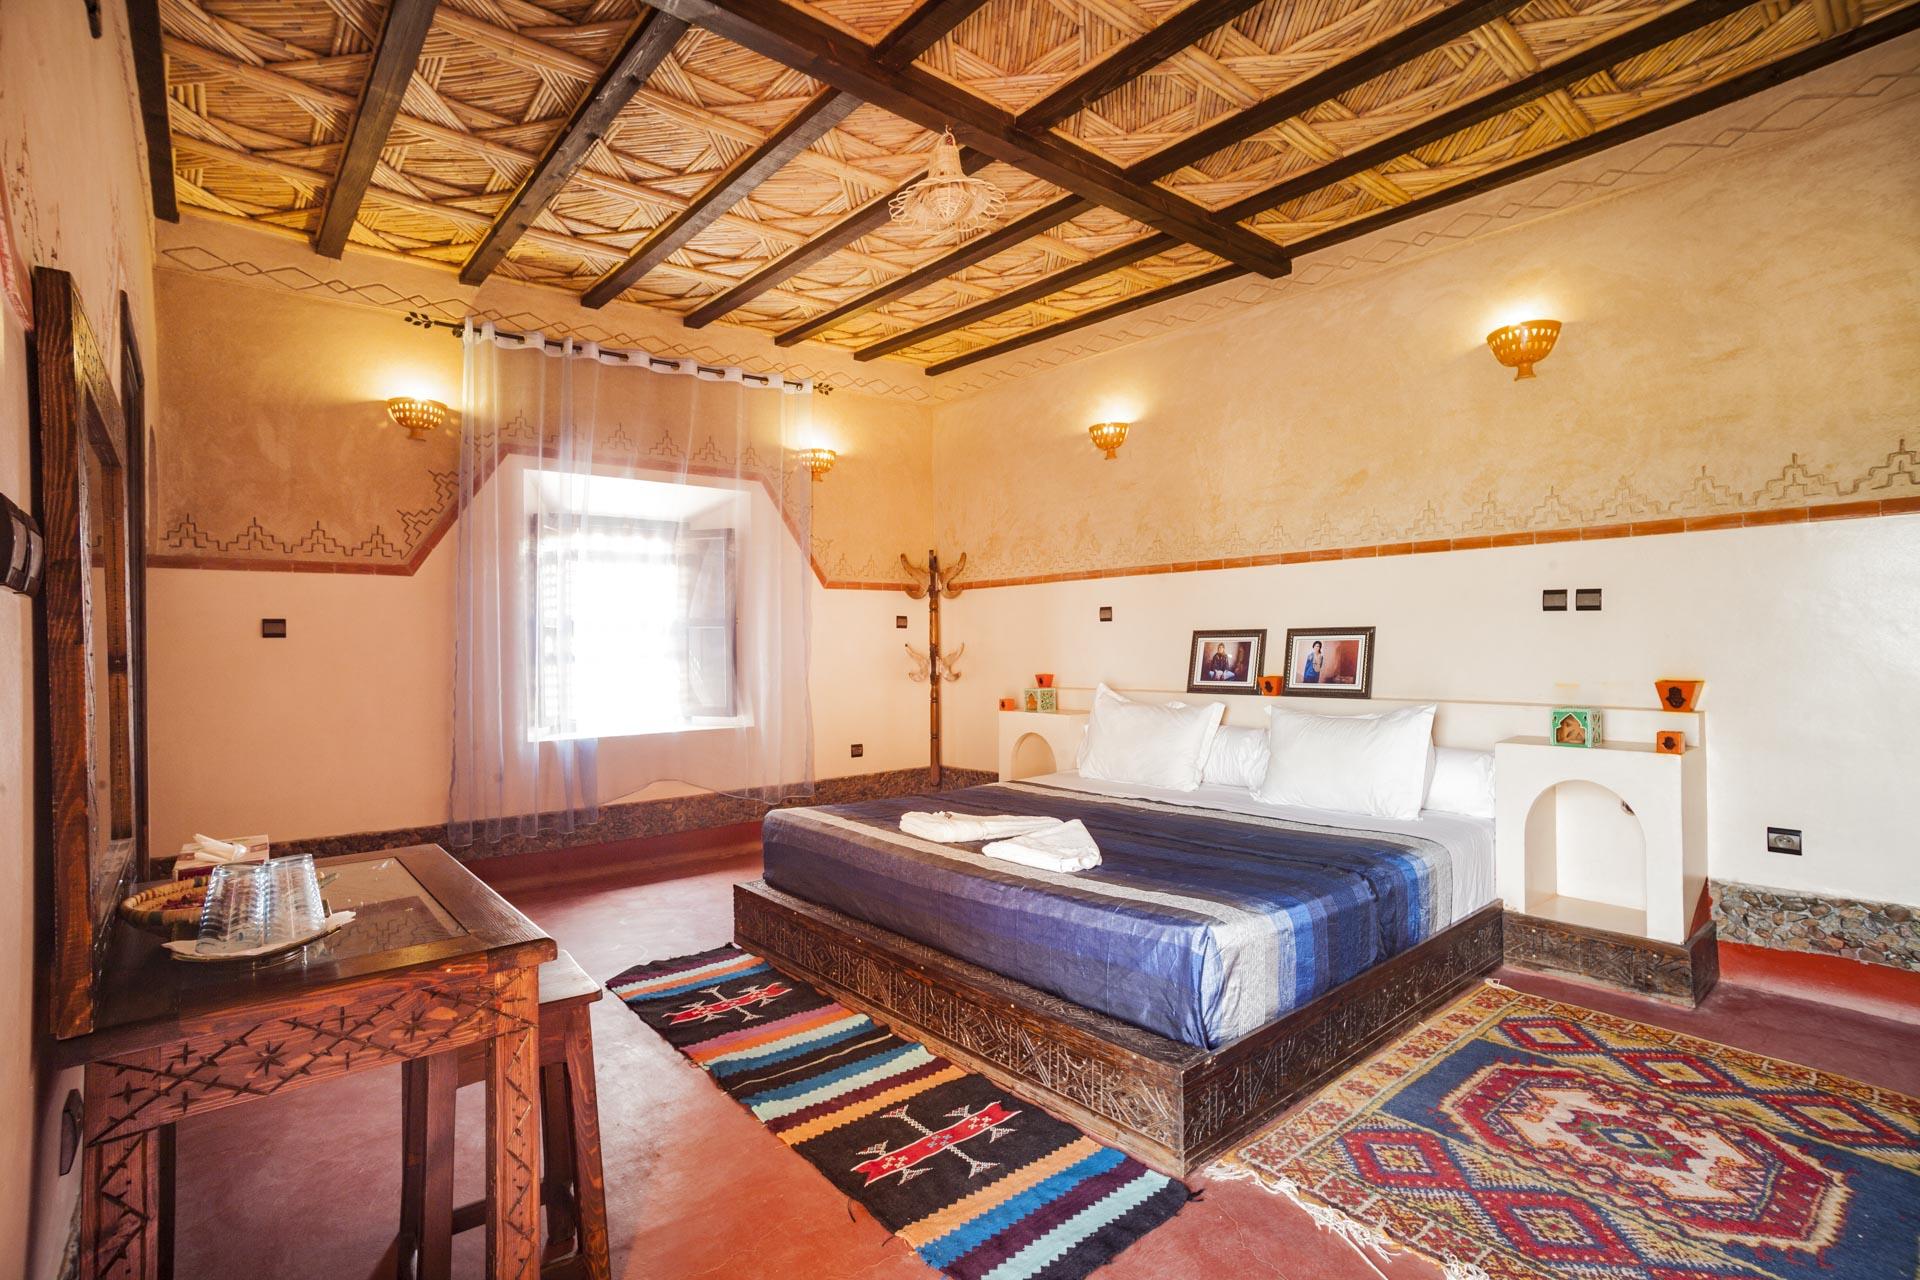 Eco lodge lile de Ouarzaate inside room view